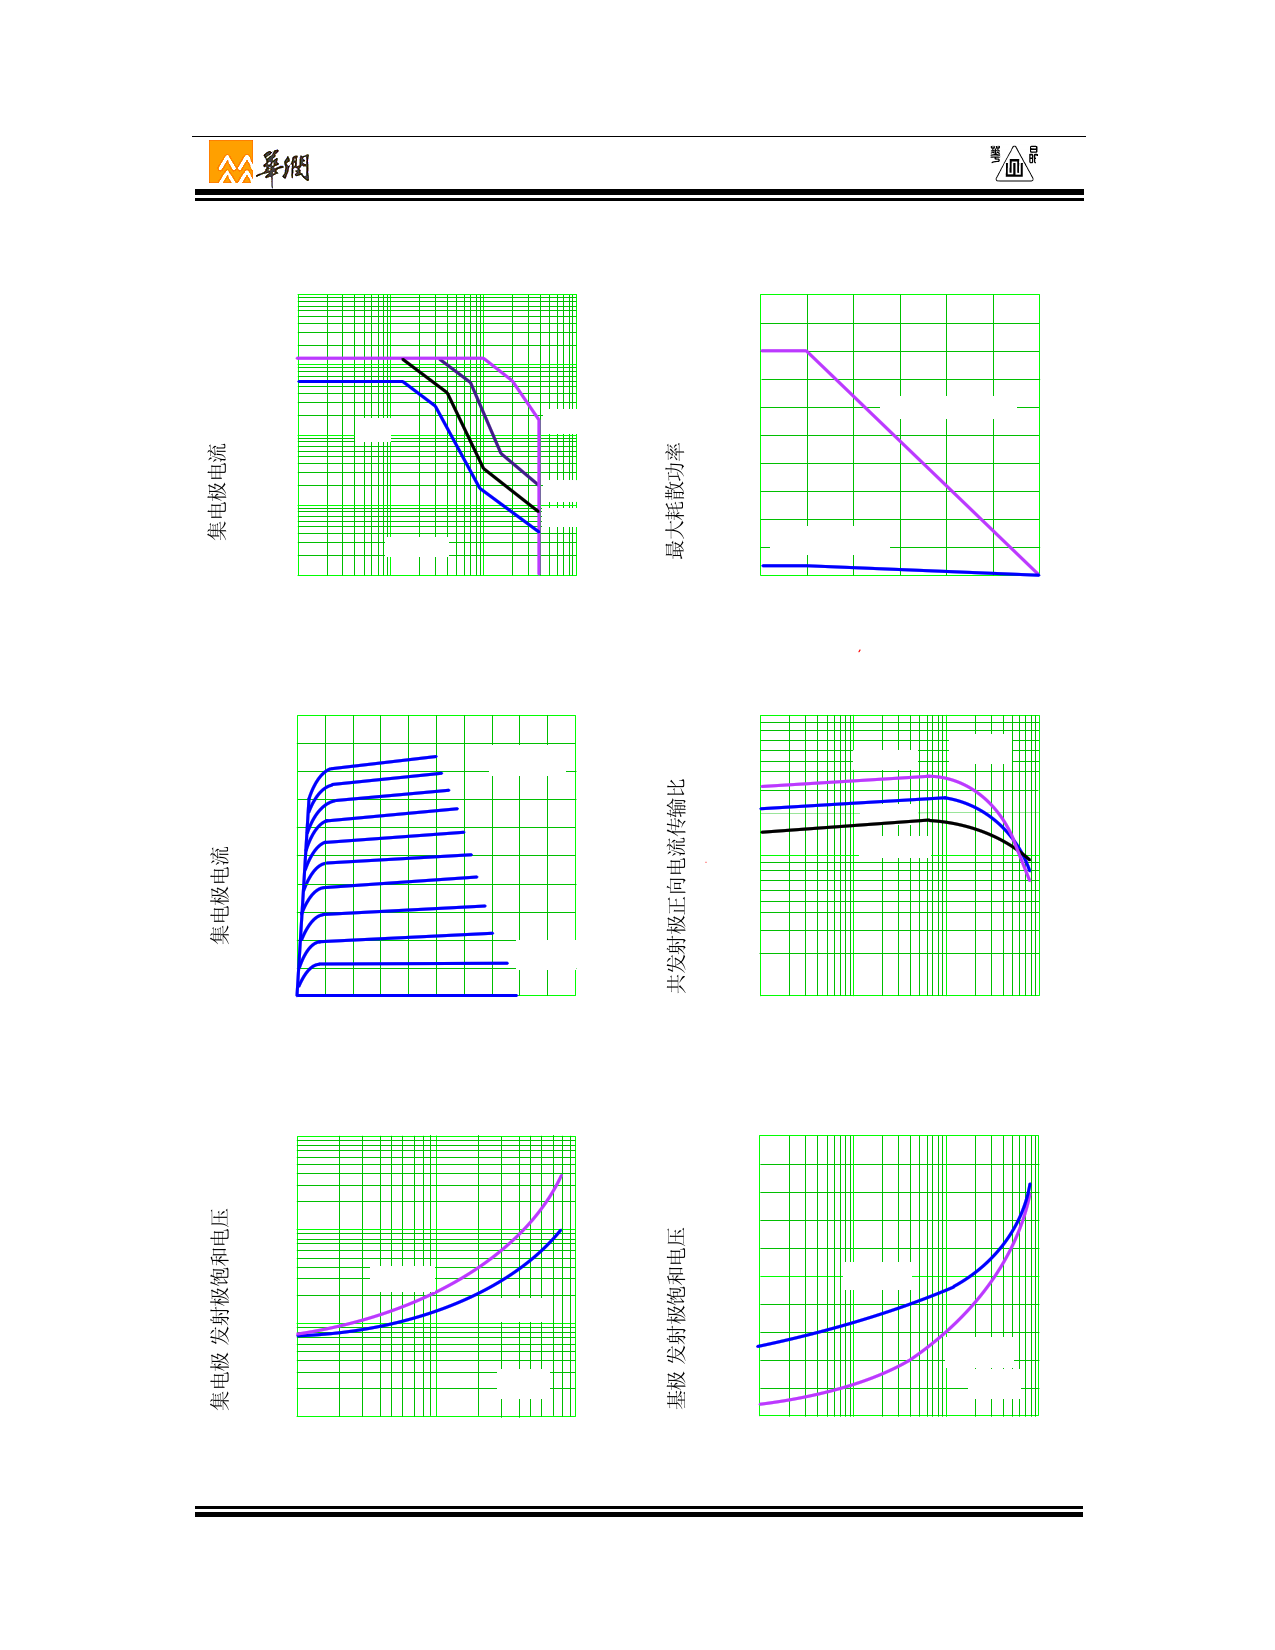 3DD13005F8-1 pdf, ピン配列